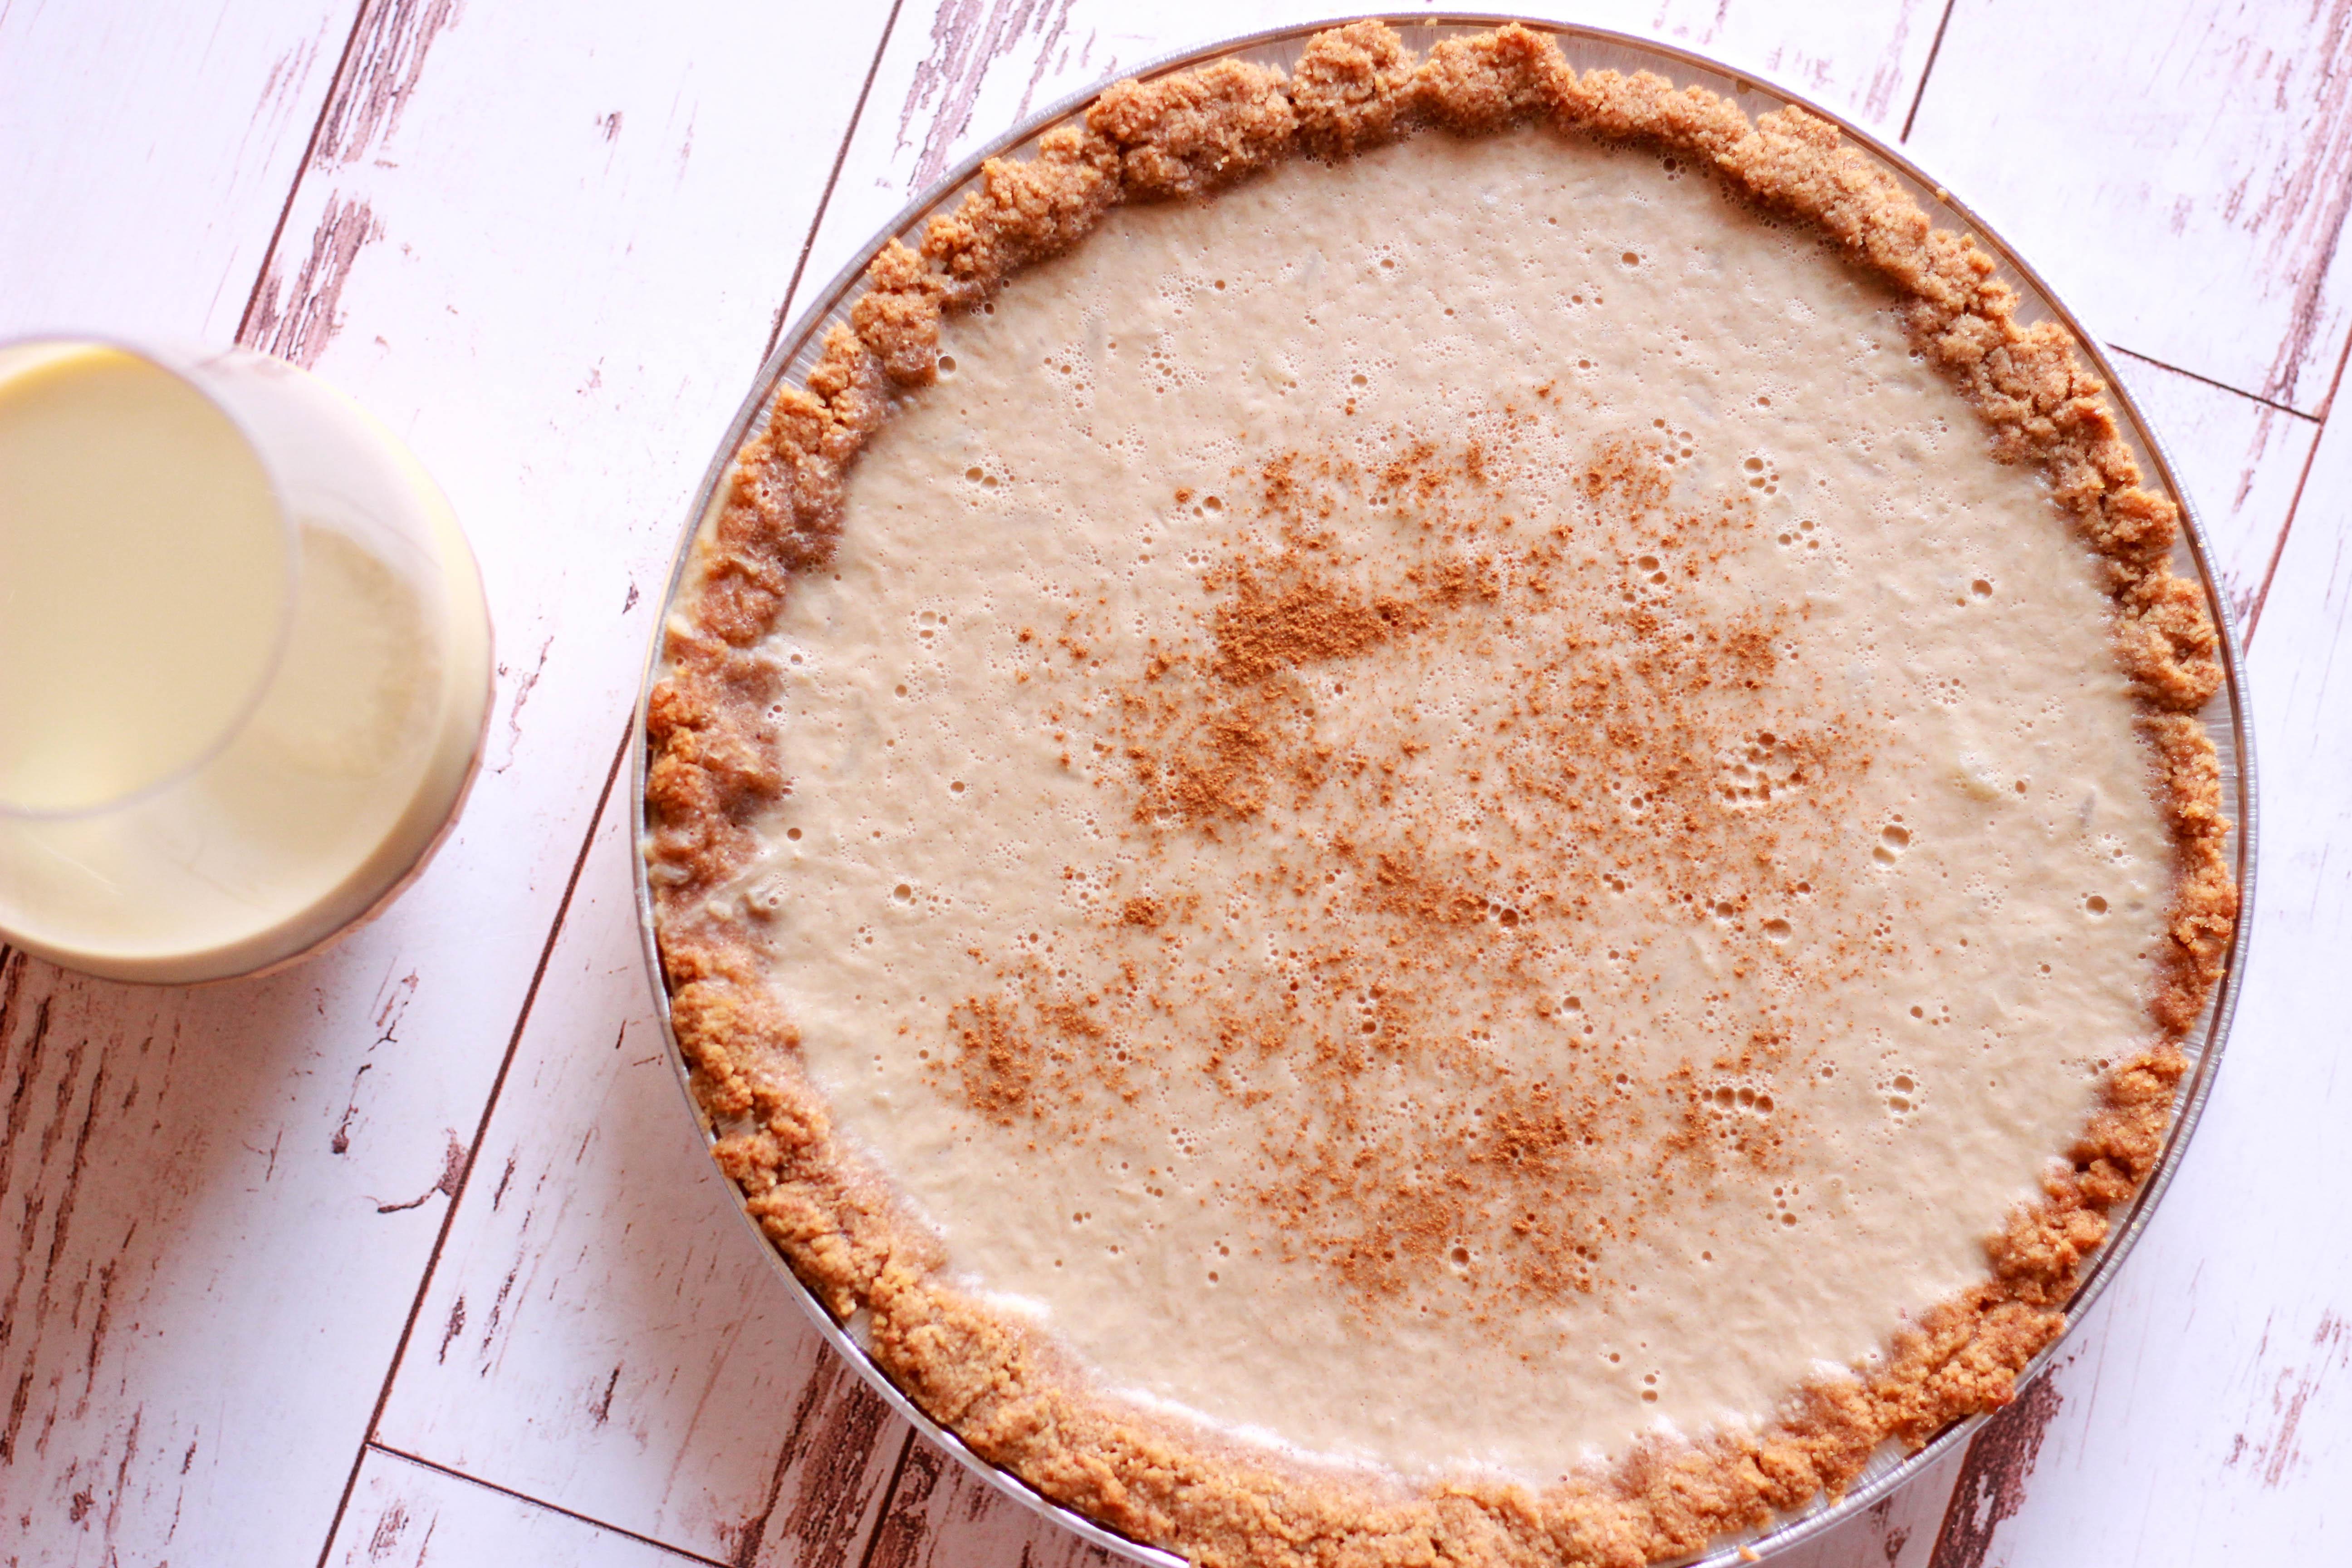 Paleo / Keto Eggnog Pie